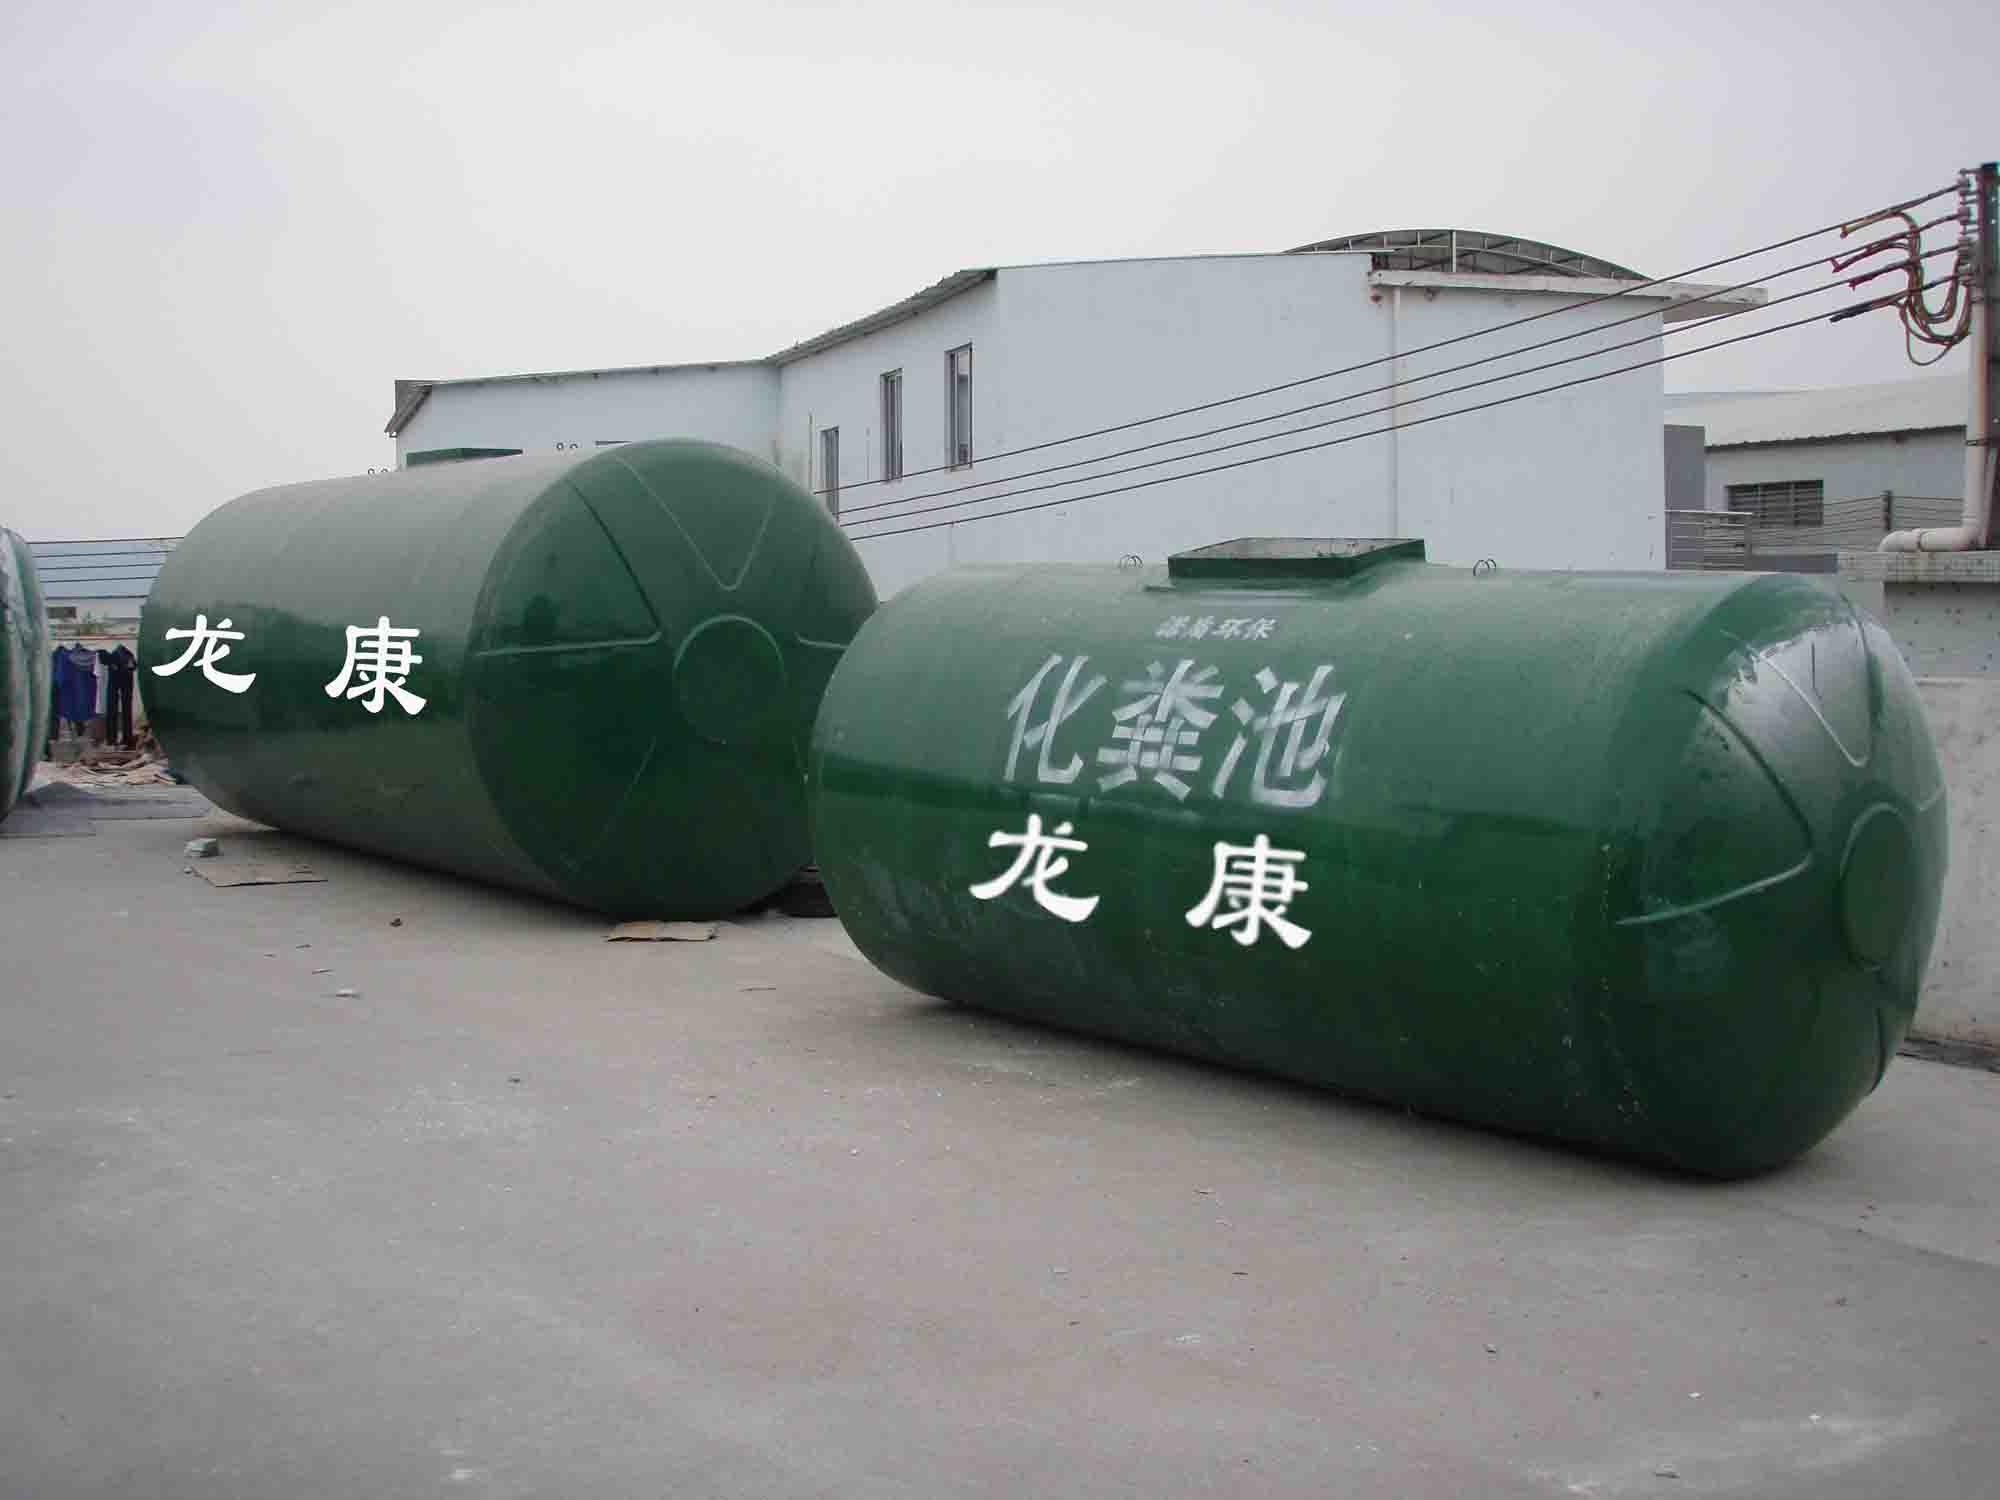 砖砌化粪池污染地下水的问题,保证了化粪池可靠性运行和厌氧